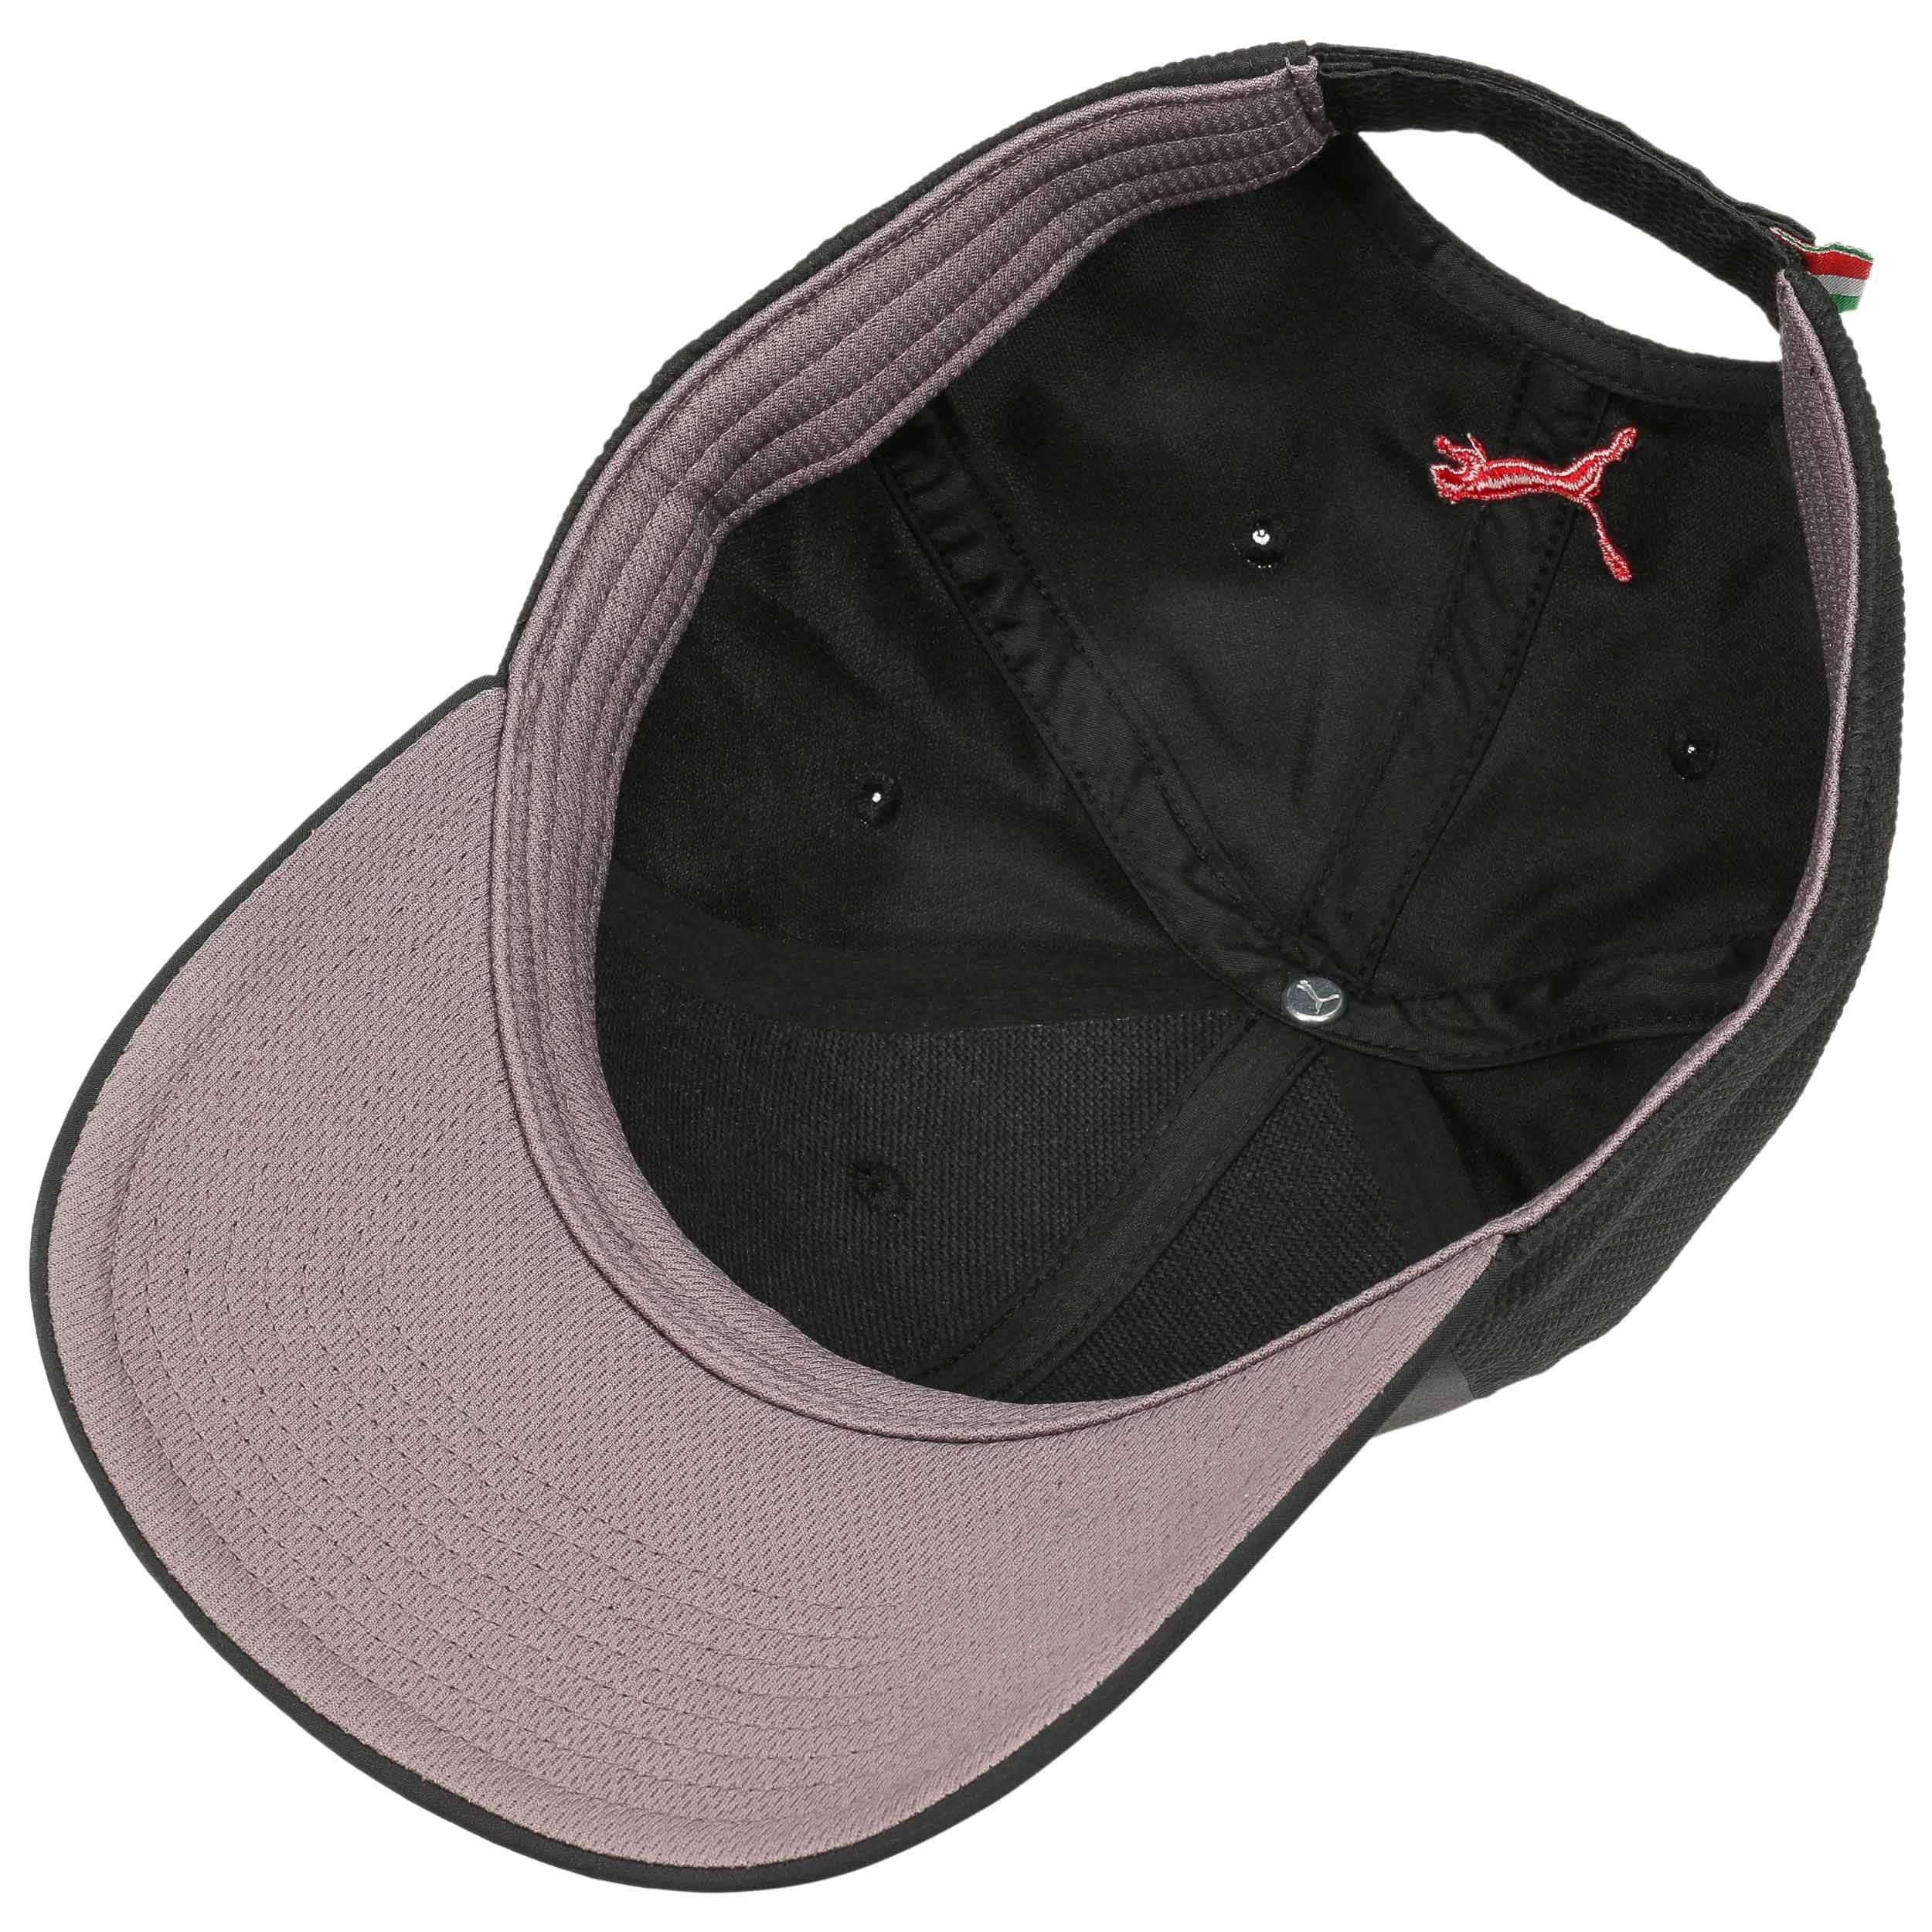 7bed87967a6940 ... Ferrari Fanwear Strapback Cap by PUMA - schwarz 2 ...